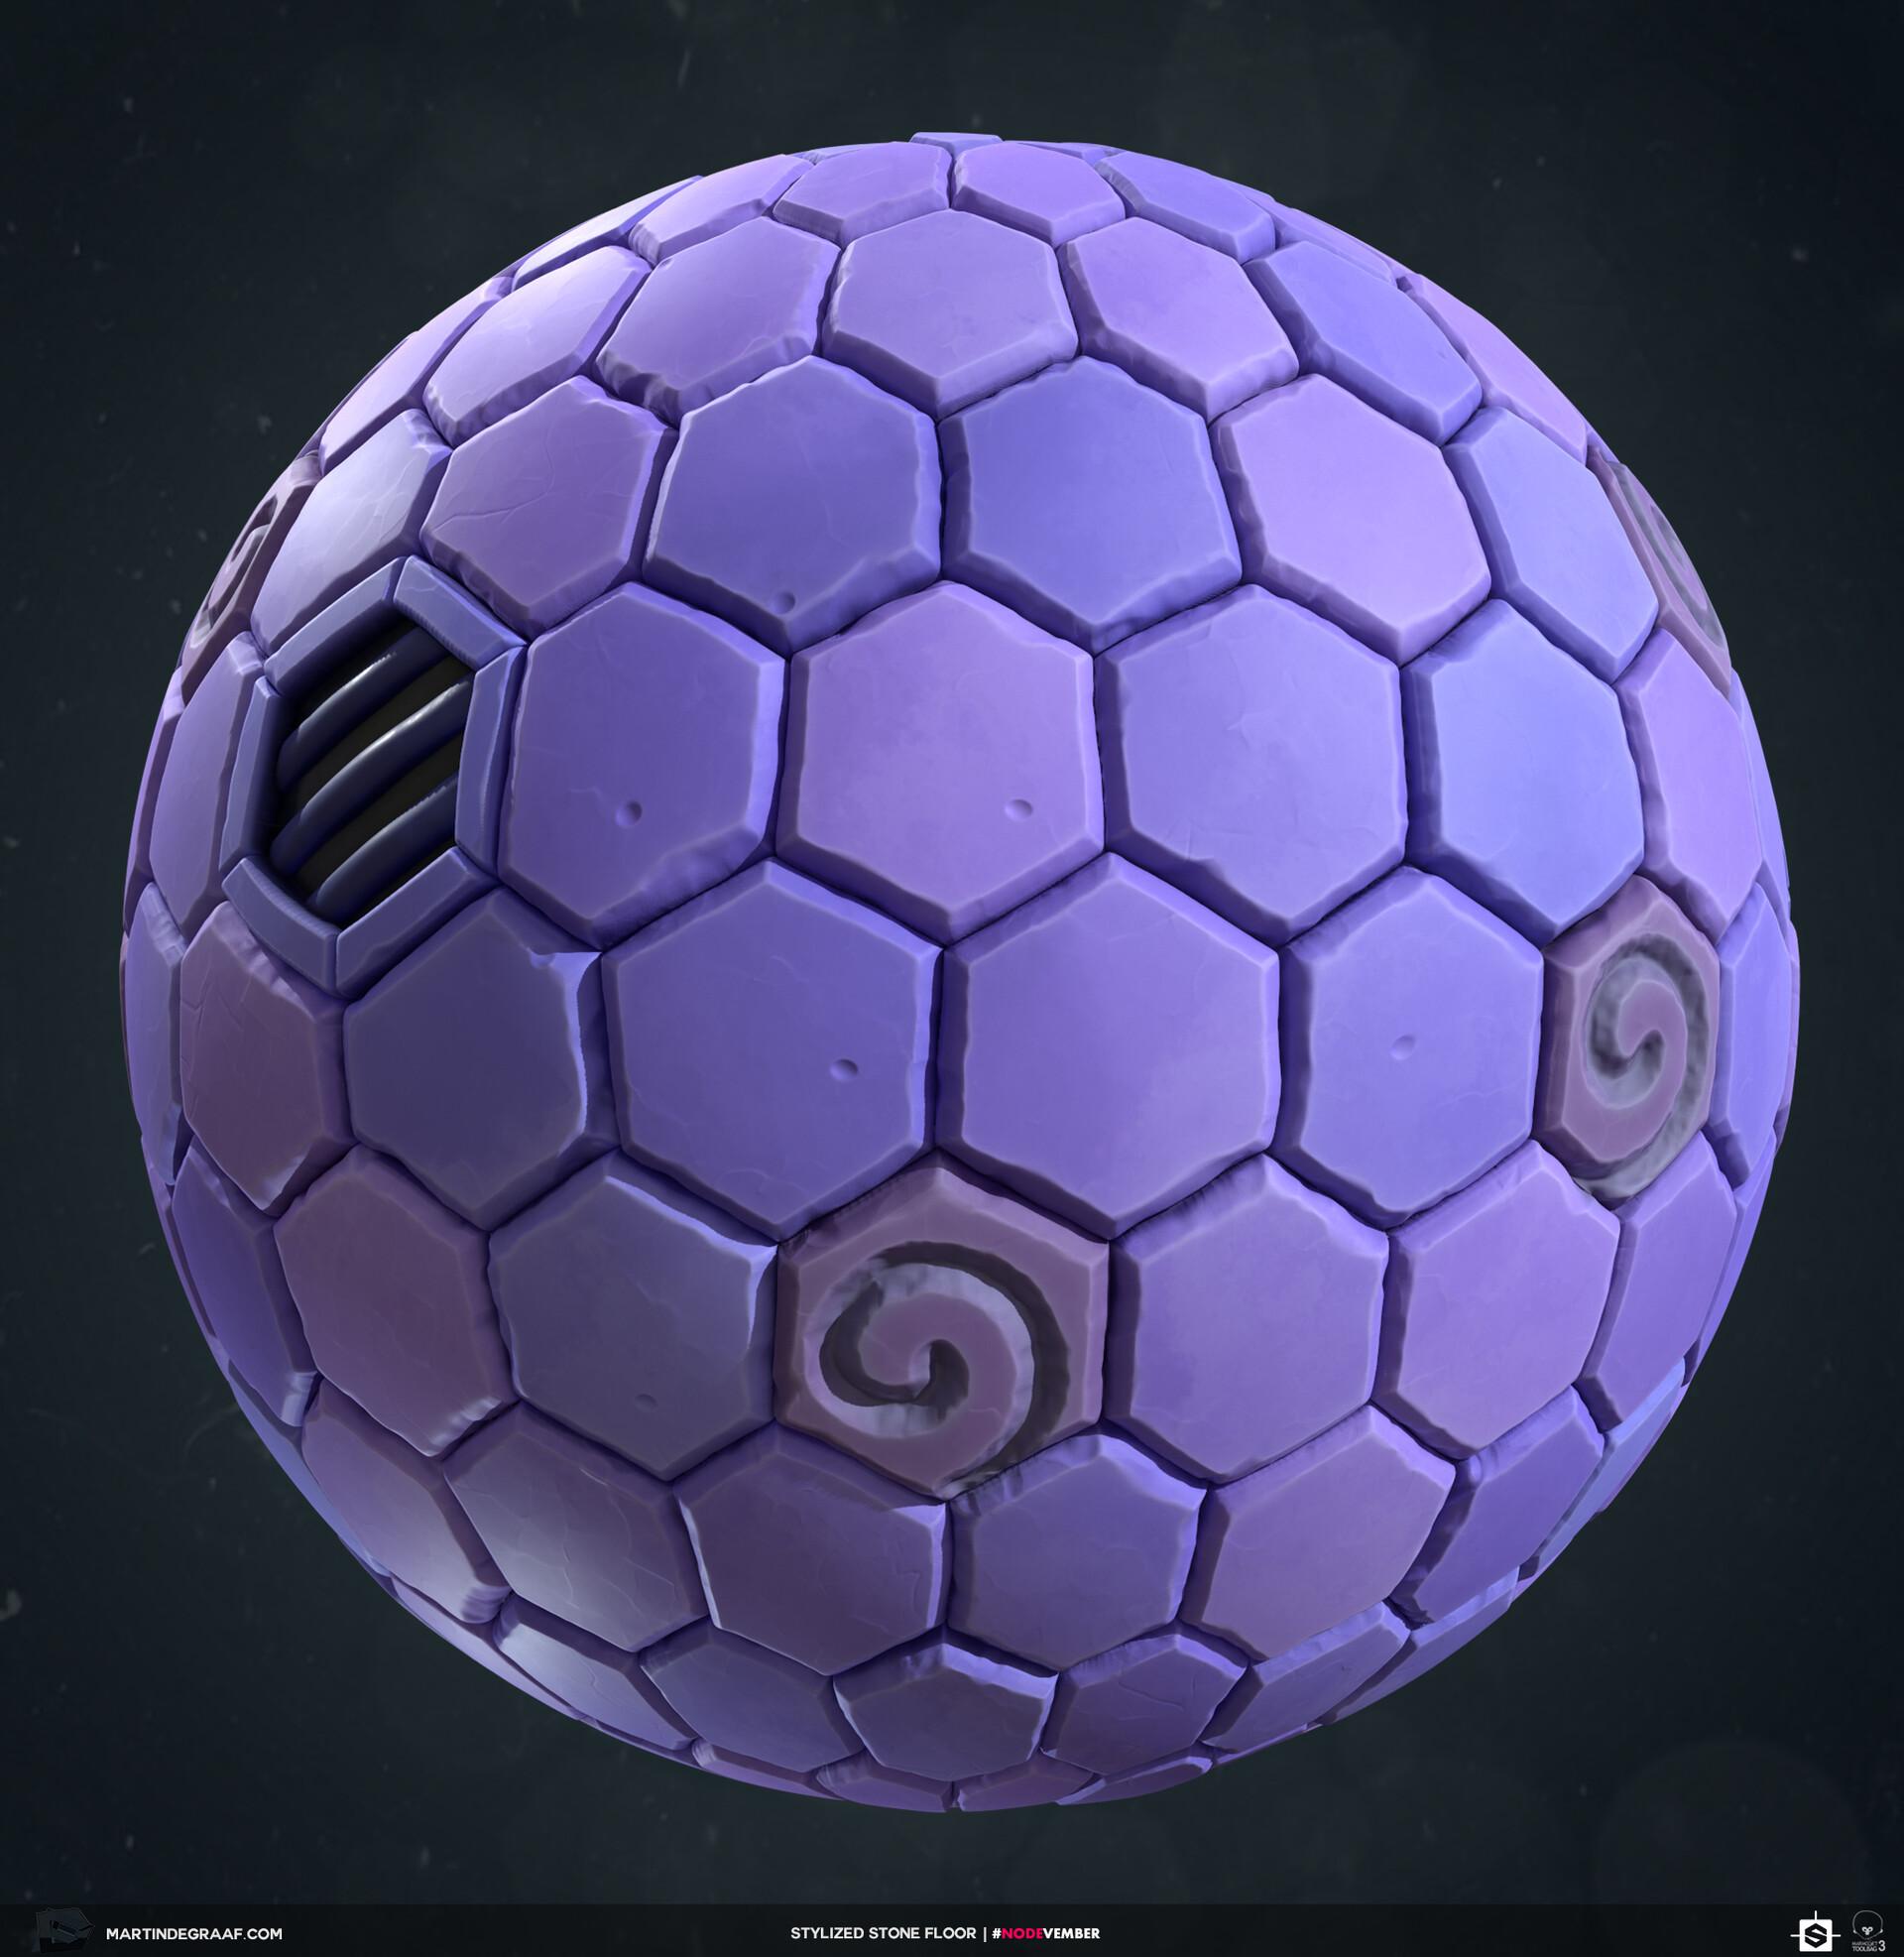 Martin de graaf stylized stone floor substance sphere martin de graaf 2019